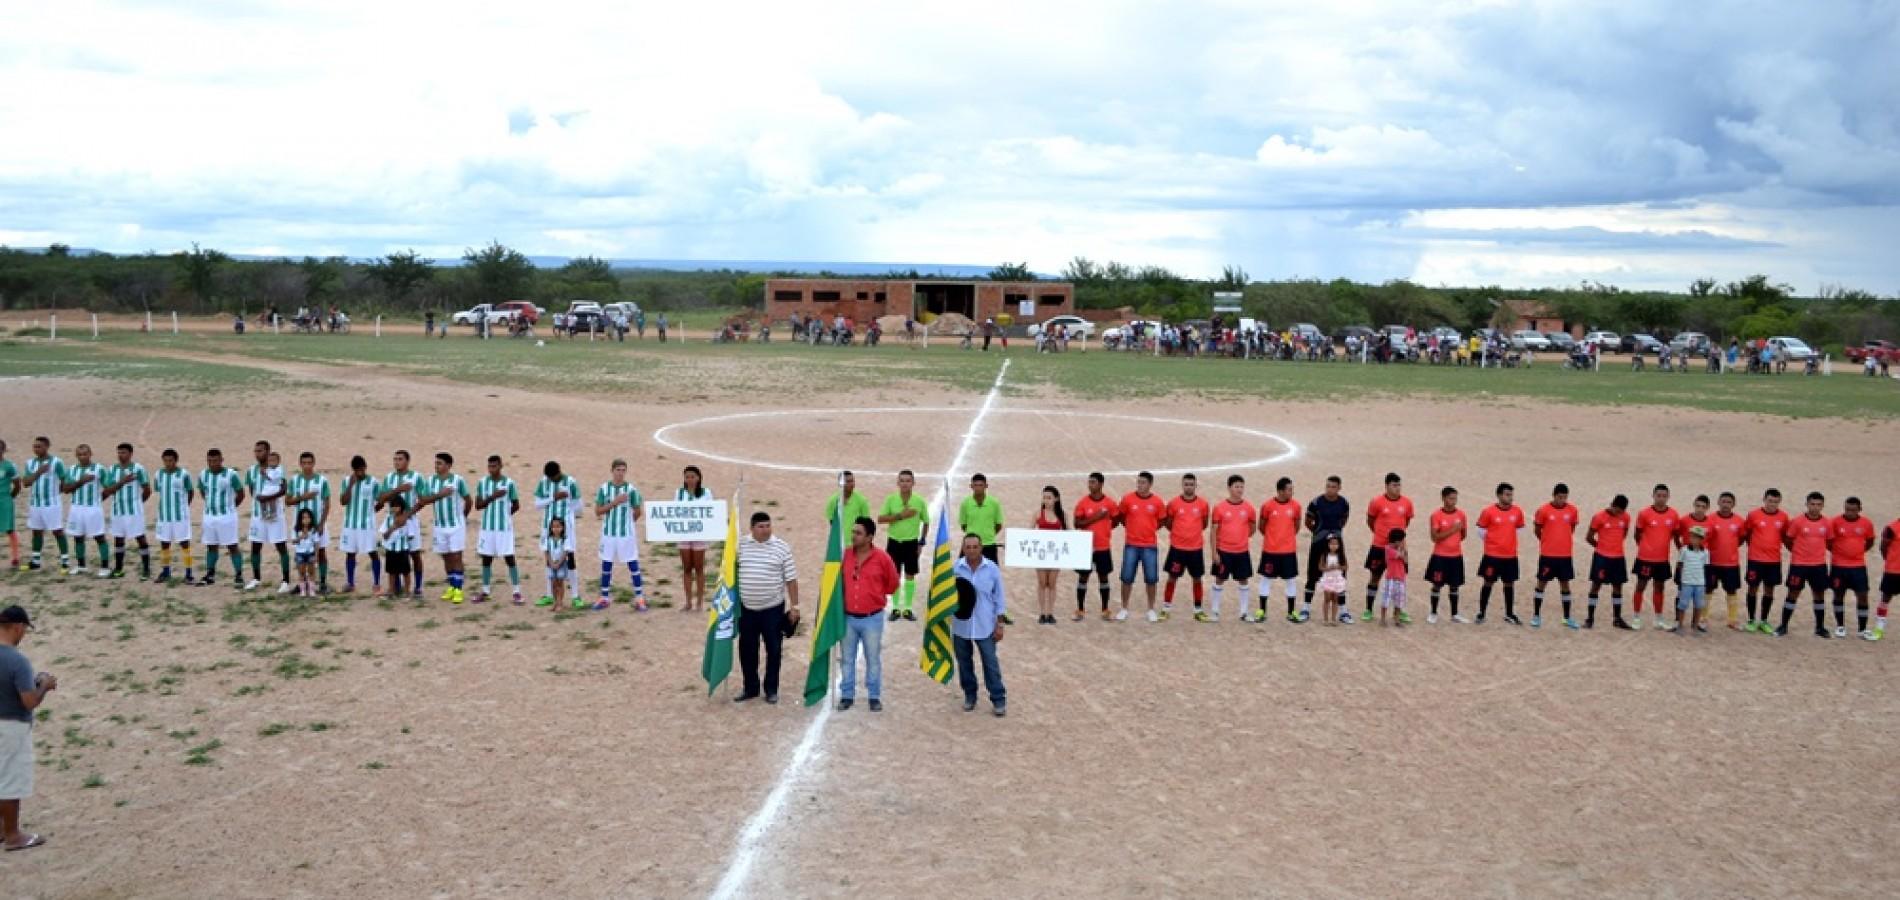 Alegrete do Piauí 22 anos: Final do torneio municipal de futebol